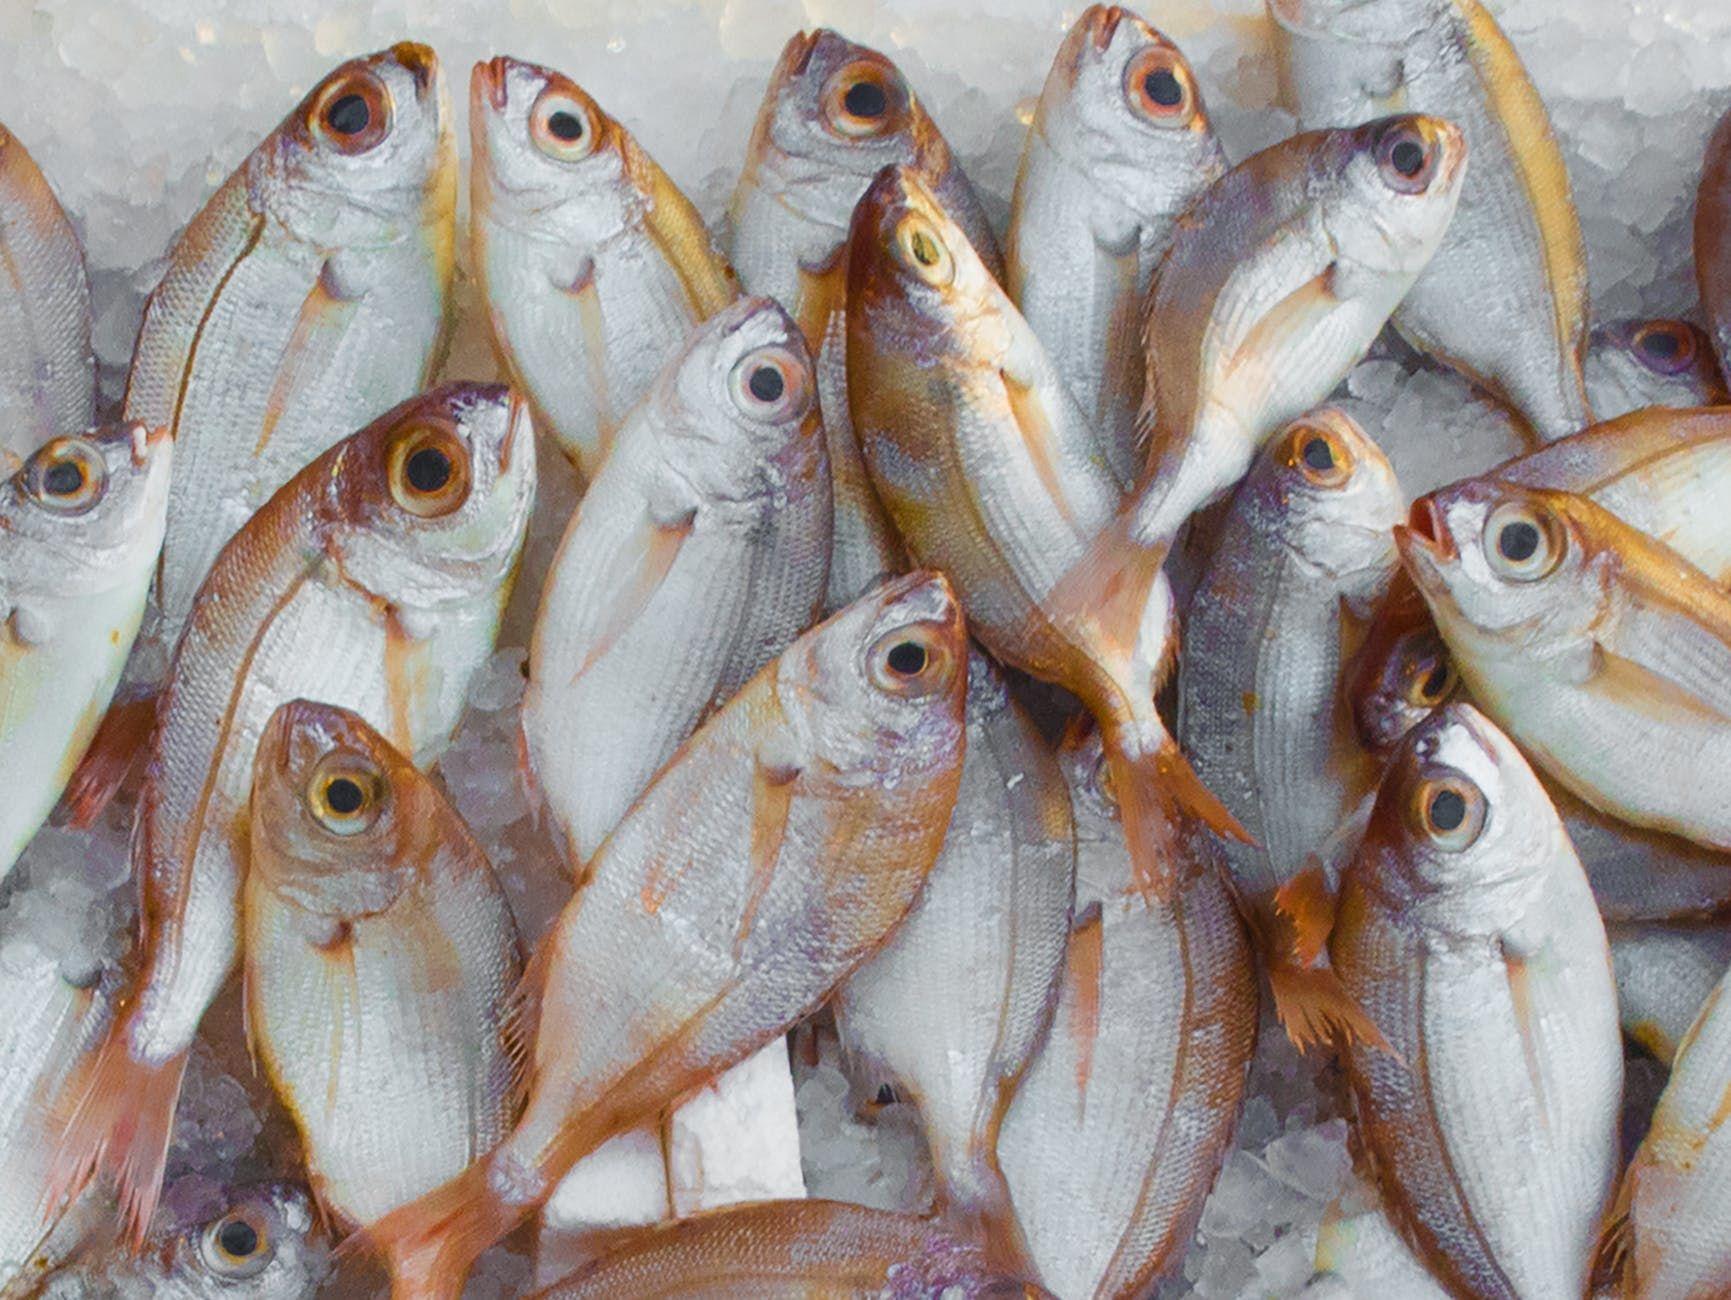 7. Konsumsi Ikan Secara Wajar